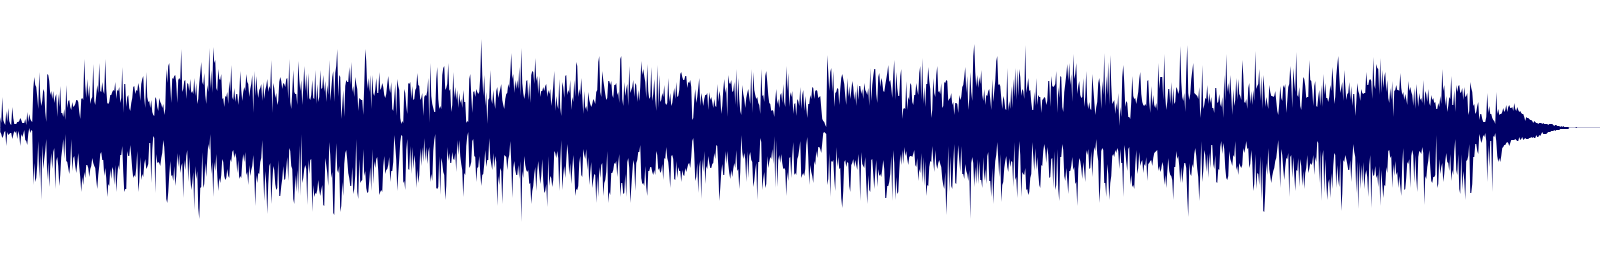 waveform of track #130462